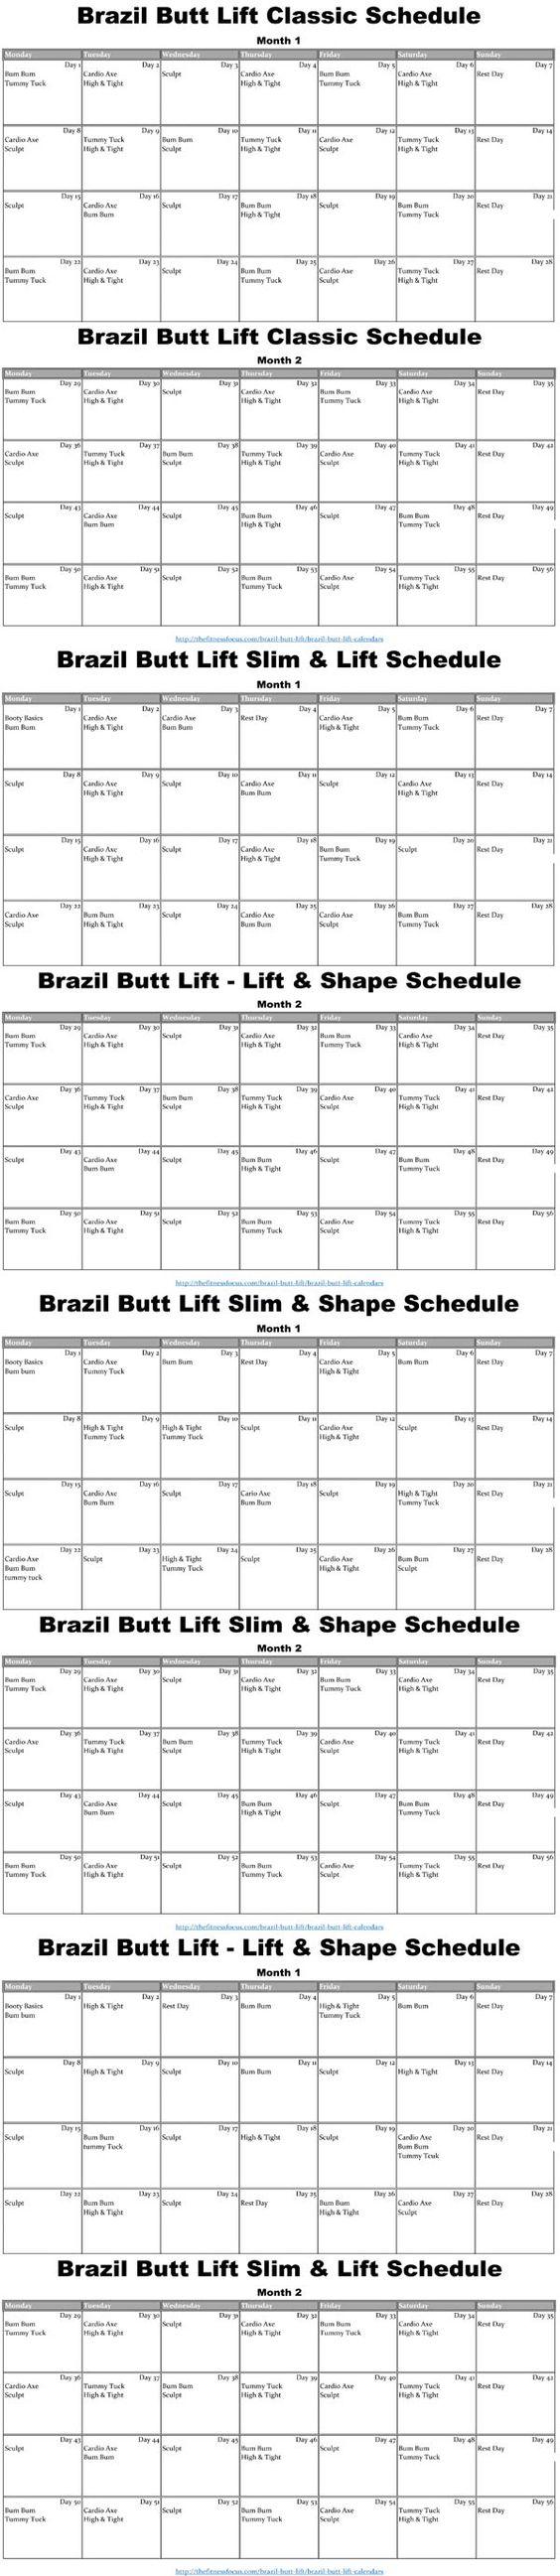 Brazil Butt Lift Calendars